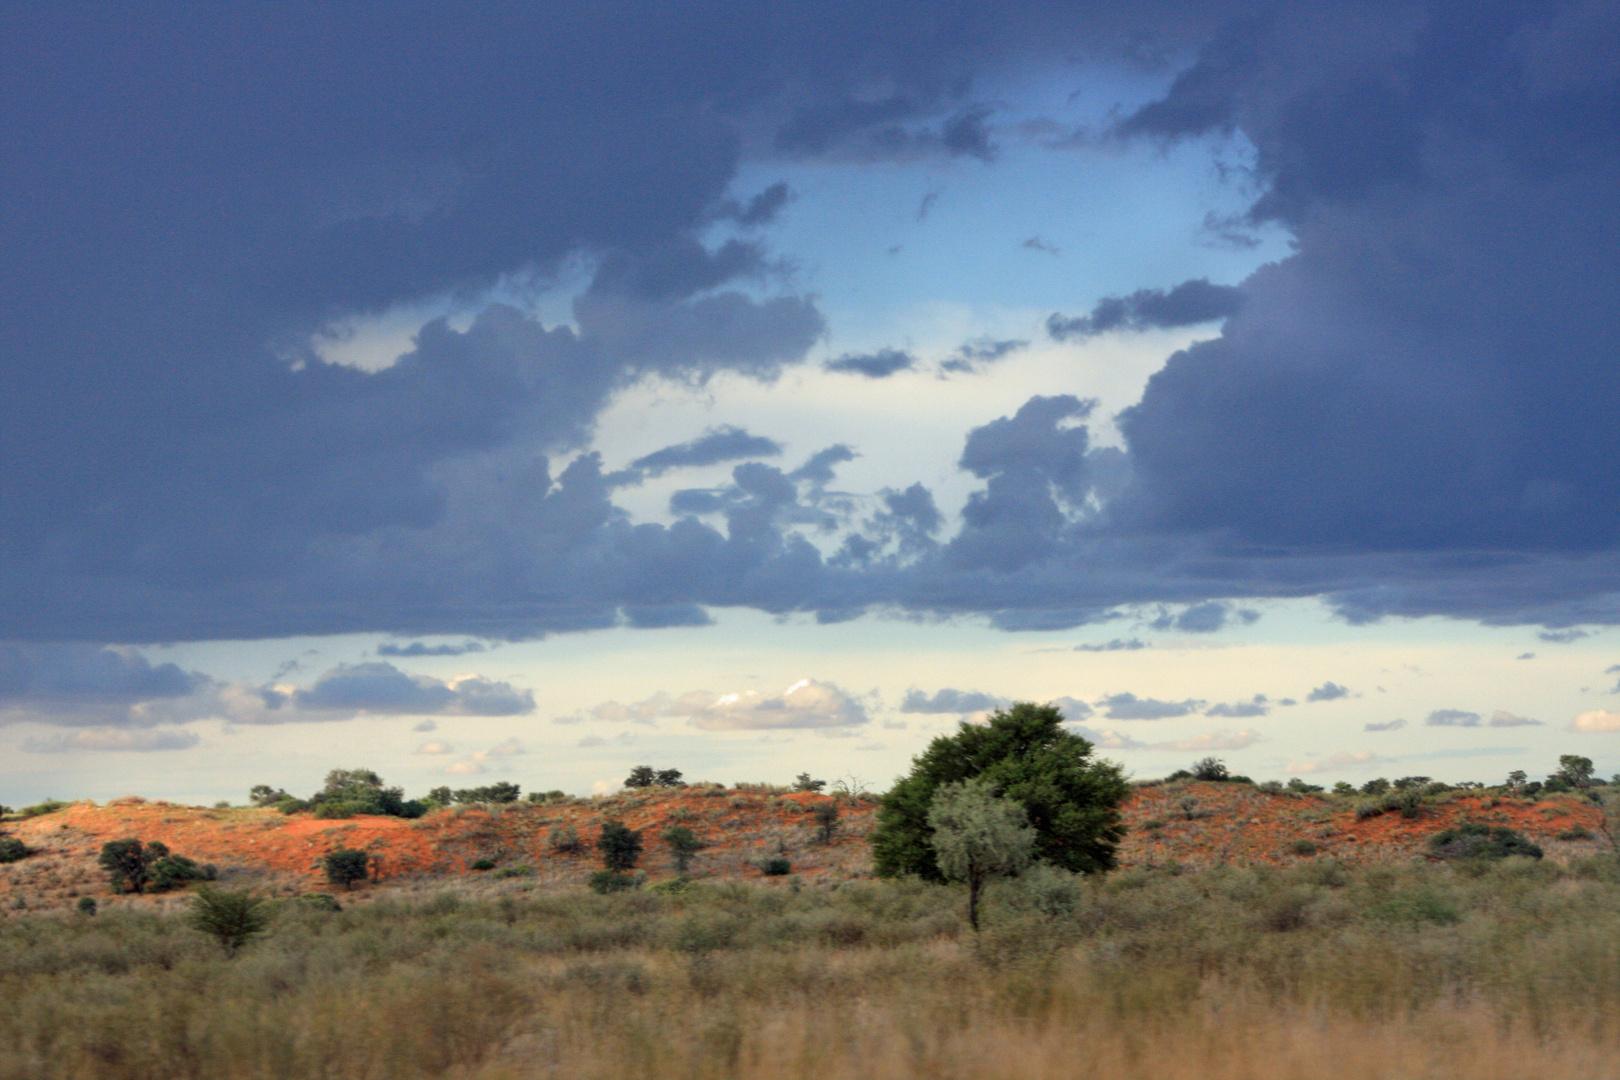 Kgalagadi Transfrontier National Park (SA)